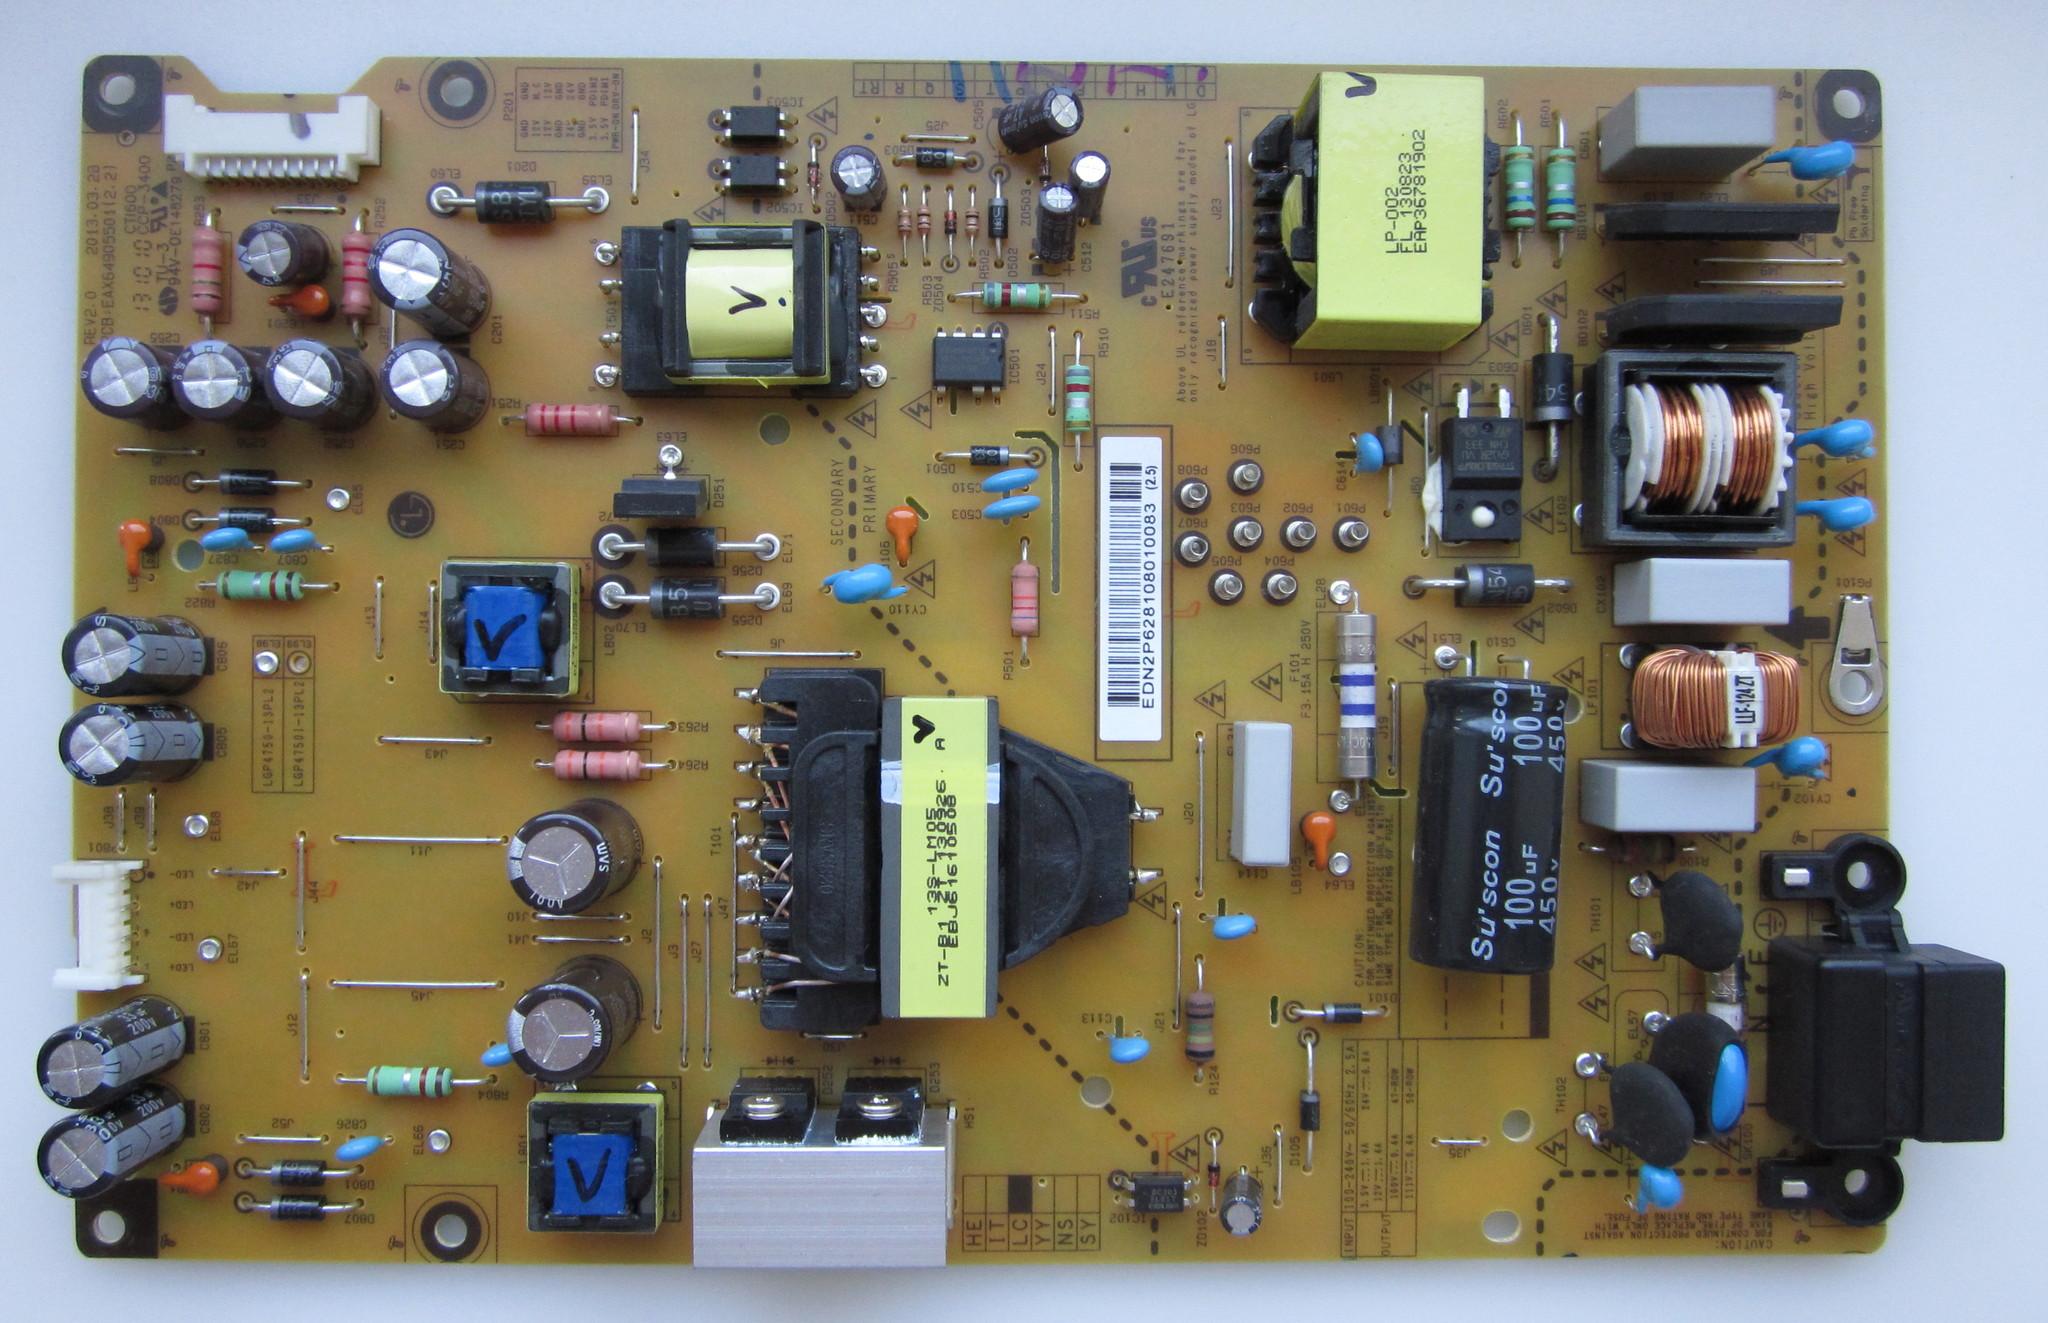 Eax64905501 2.2 схема